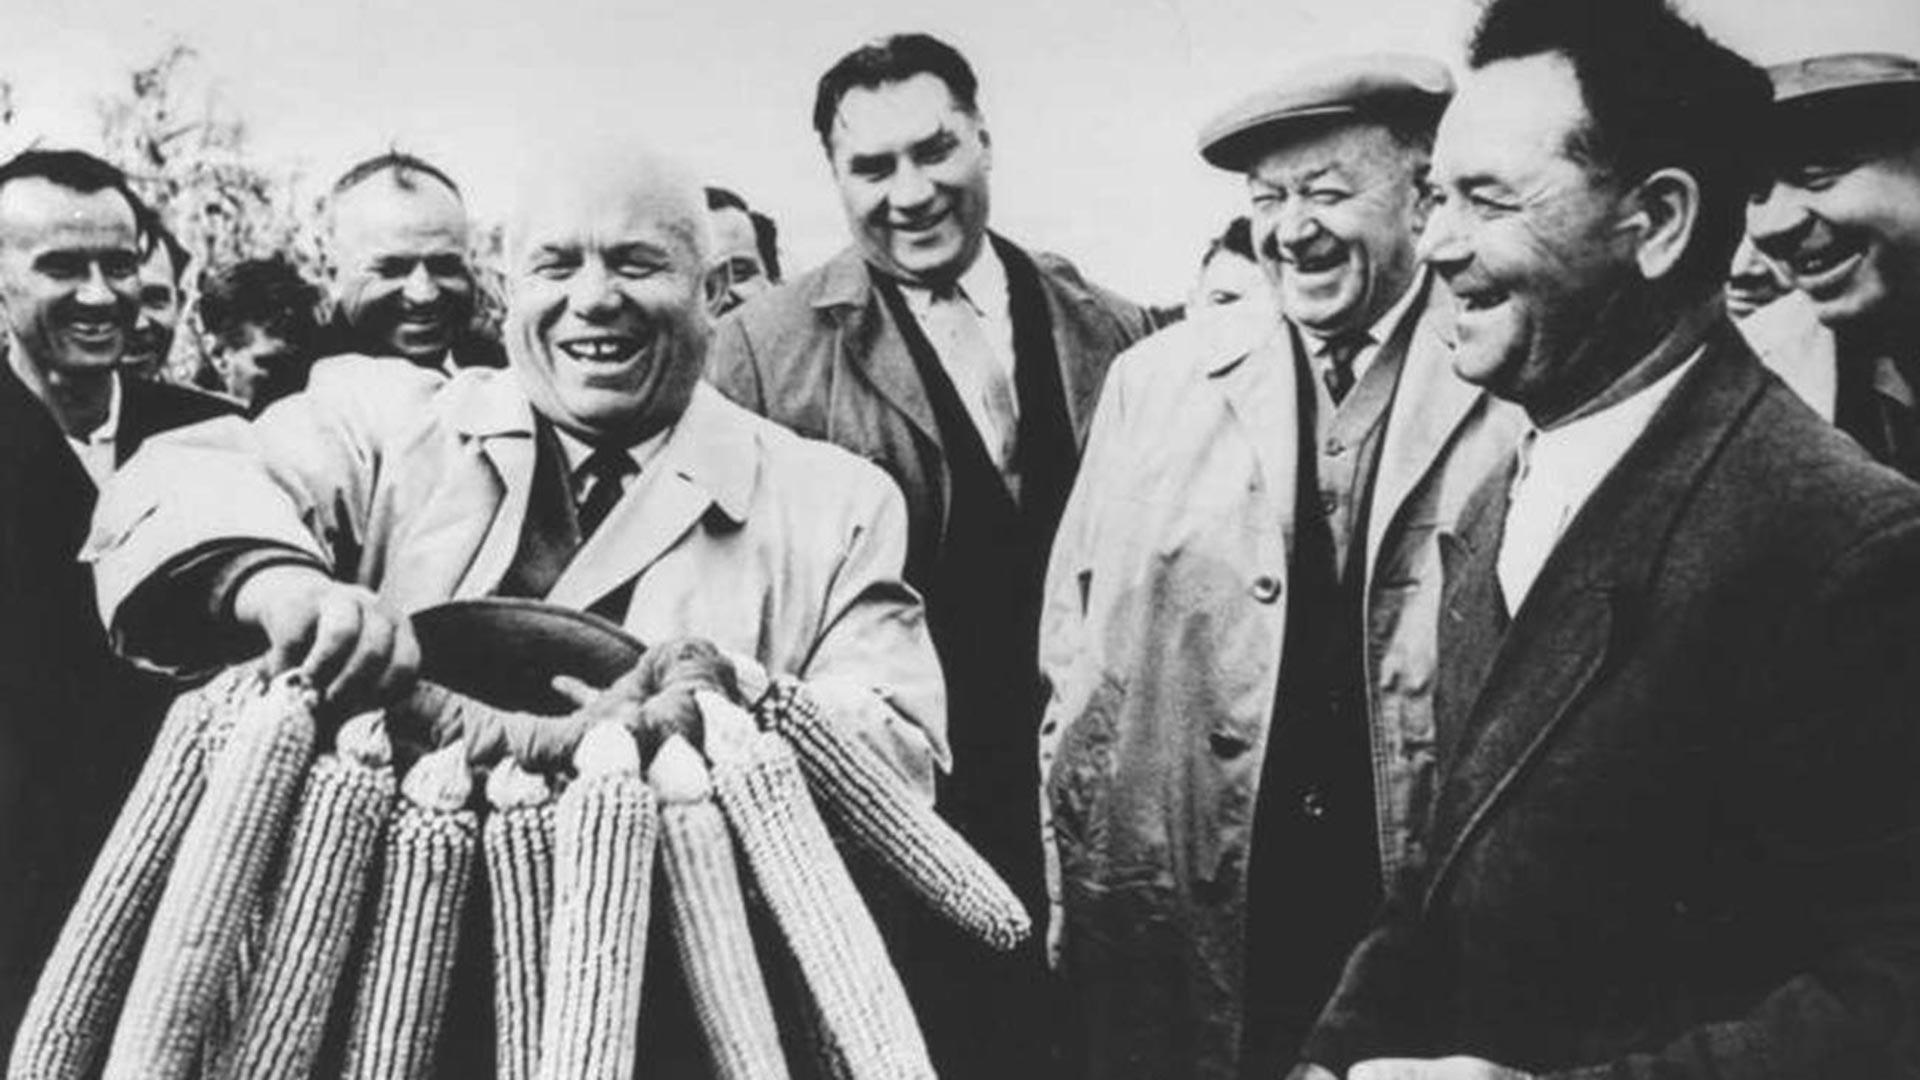 Un momento della prima visita di Khrushchev negli Stati Uniti